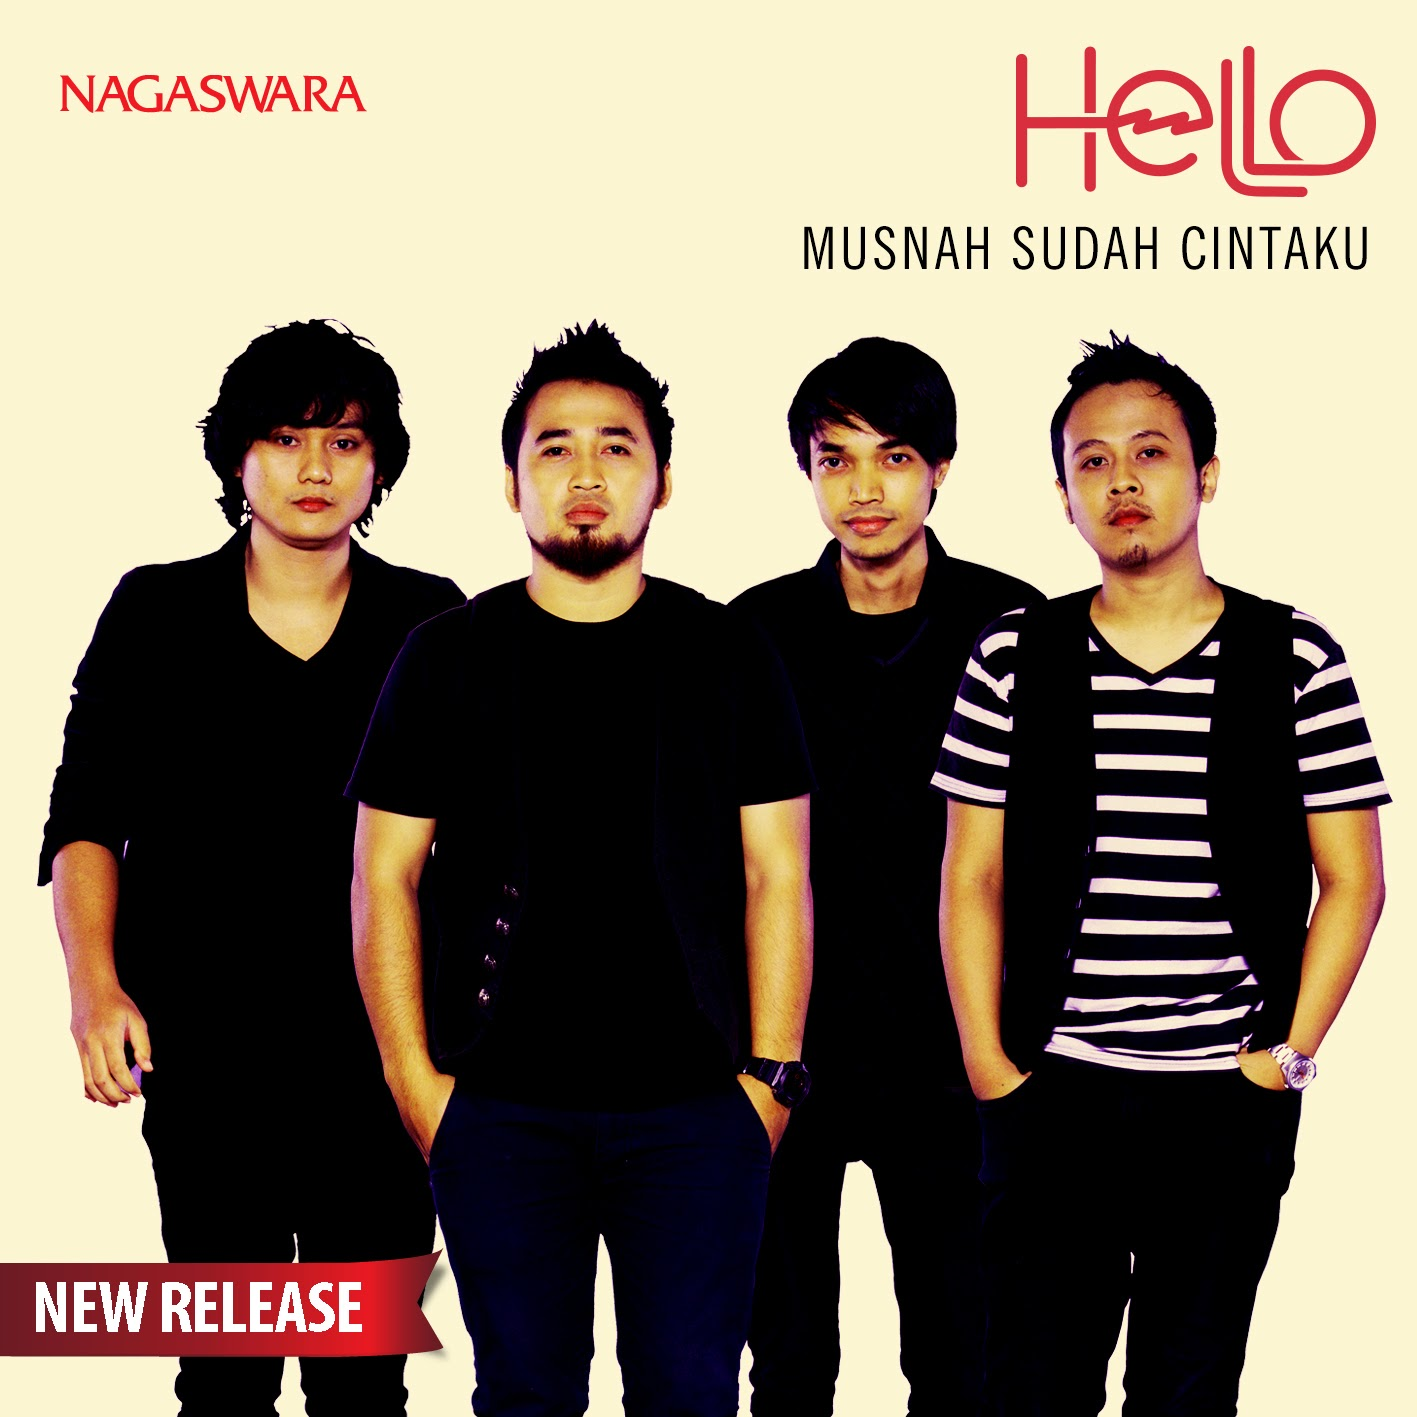 Dwonloand Lagu Meraih Bintang: Download Lagu Hello Band Pilihan Hatiku Full Album Mp3